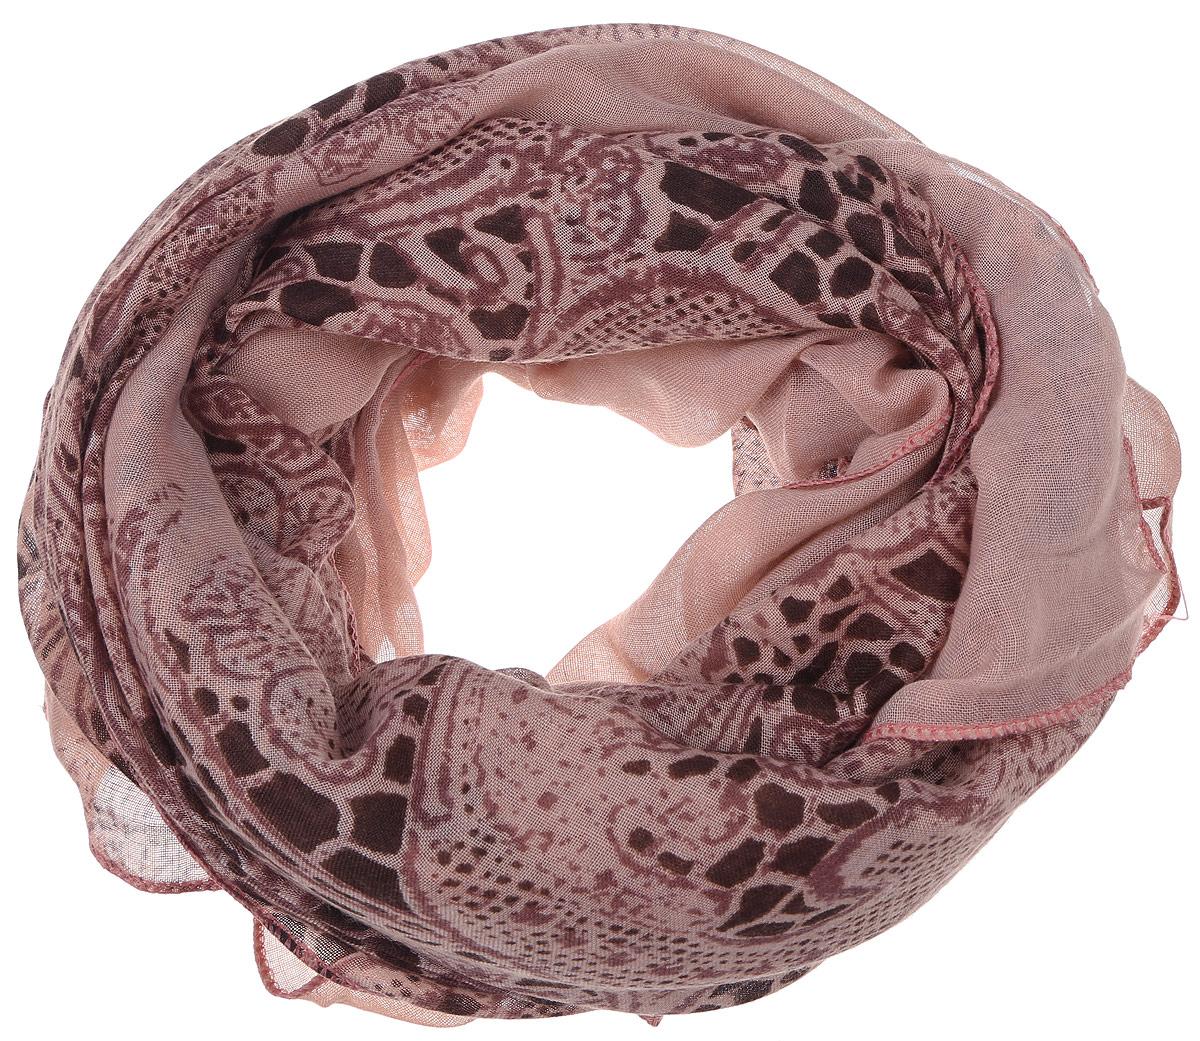 Палантин женский Sophie Ramage, цвет: коричнево-розовый. YY-11657-9. Размер 90 см х 180 смYY-11657-9Элегантный палантин Sophie Ramage станет достойным завершением вашего образа. Палантин изготовлен из модала с небольшим добавлением шелка. Модель оформлена оригинальным узором. Палантин красиво драпируется, он превосходно дополнит любой наряд и подчеркнет ваш изысканный вкус. Легкий и изящный палантин привнесет в ваш образ утонченность и шарм.